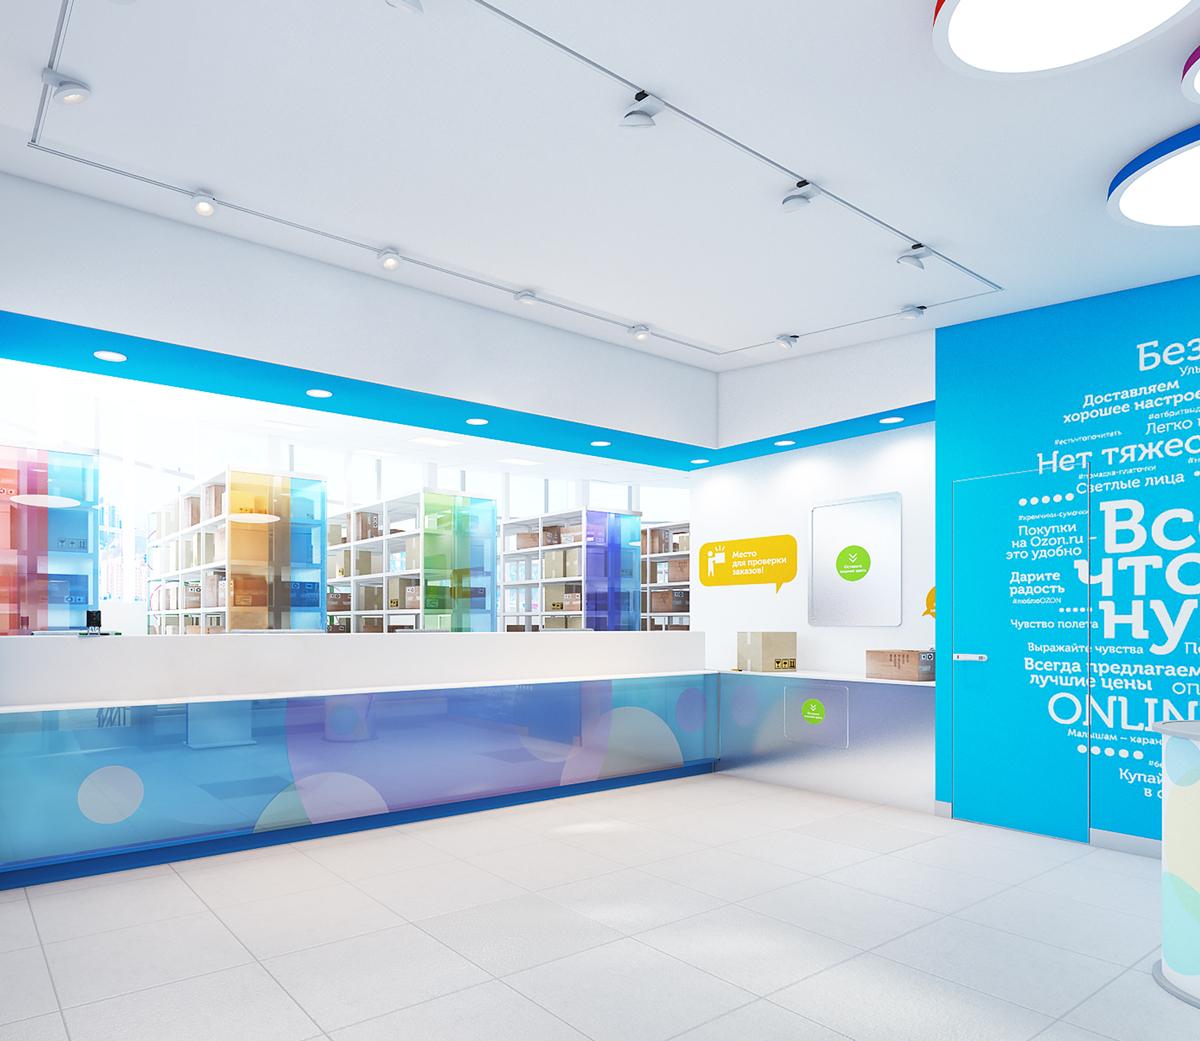 Фирменный стиль OZON.RU в дизайне интерьера пунктов обслуживания клиентов